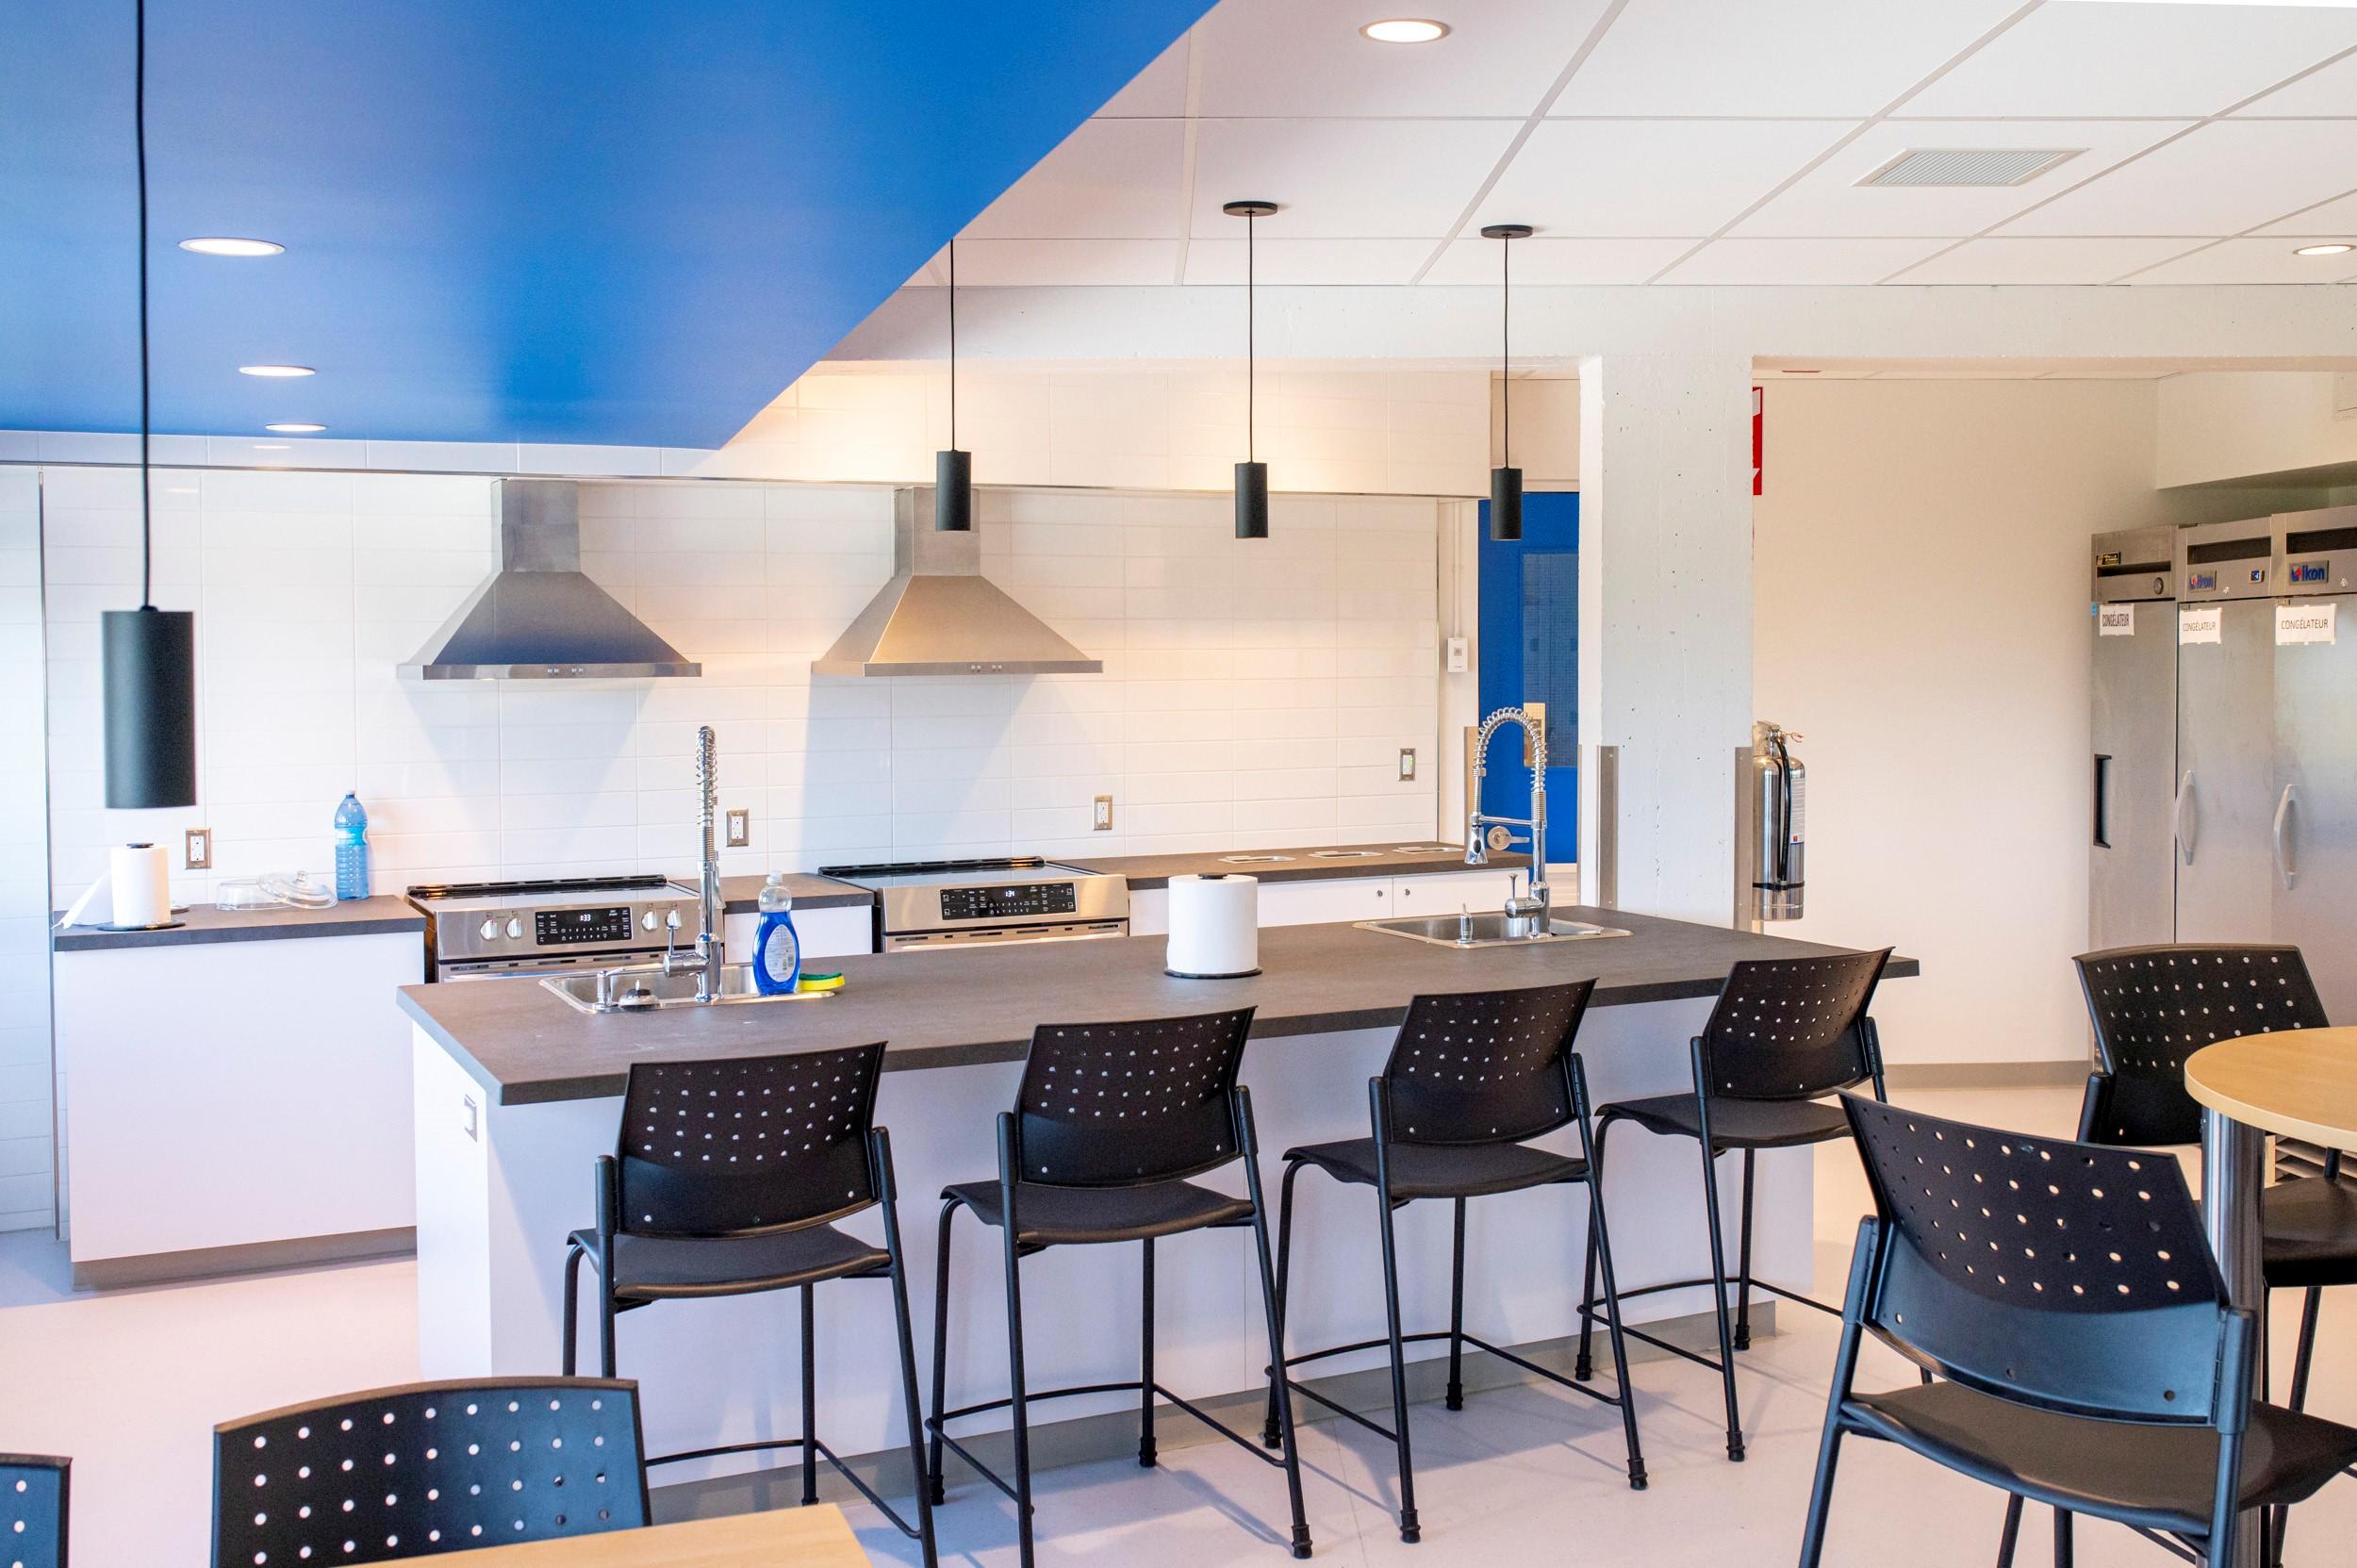 Source : Stéphane Quintin. Trois nouvelles cuisinettes ont bénéficié d'une remise à niveau lors de cette deuxième phase de travaux à la résidence étudiante du Cégep de Matane.